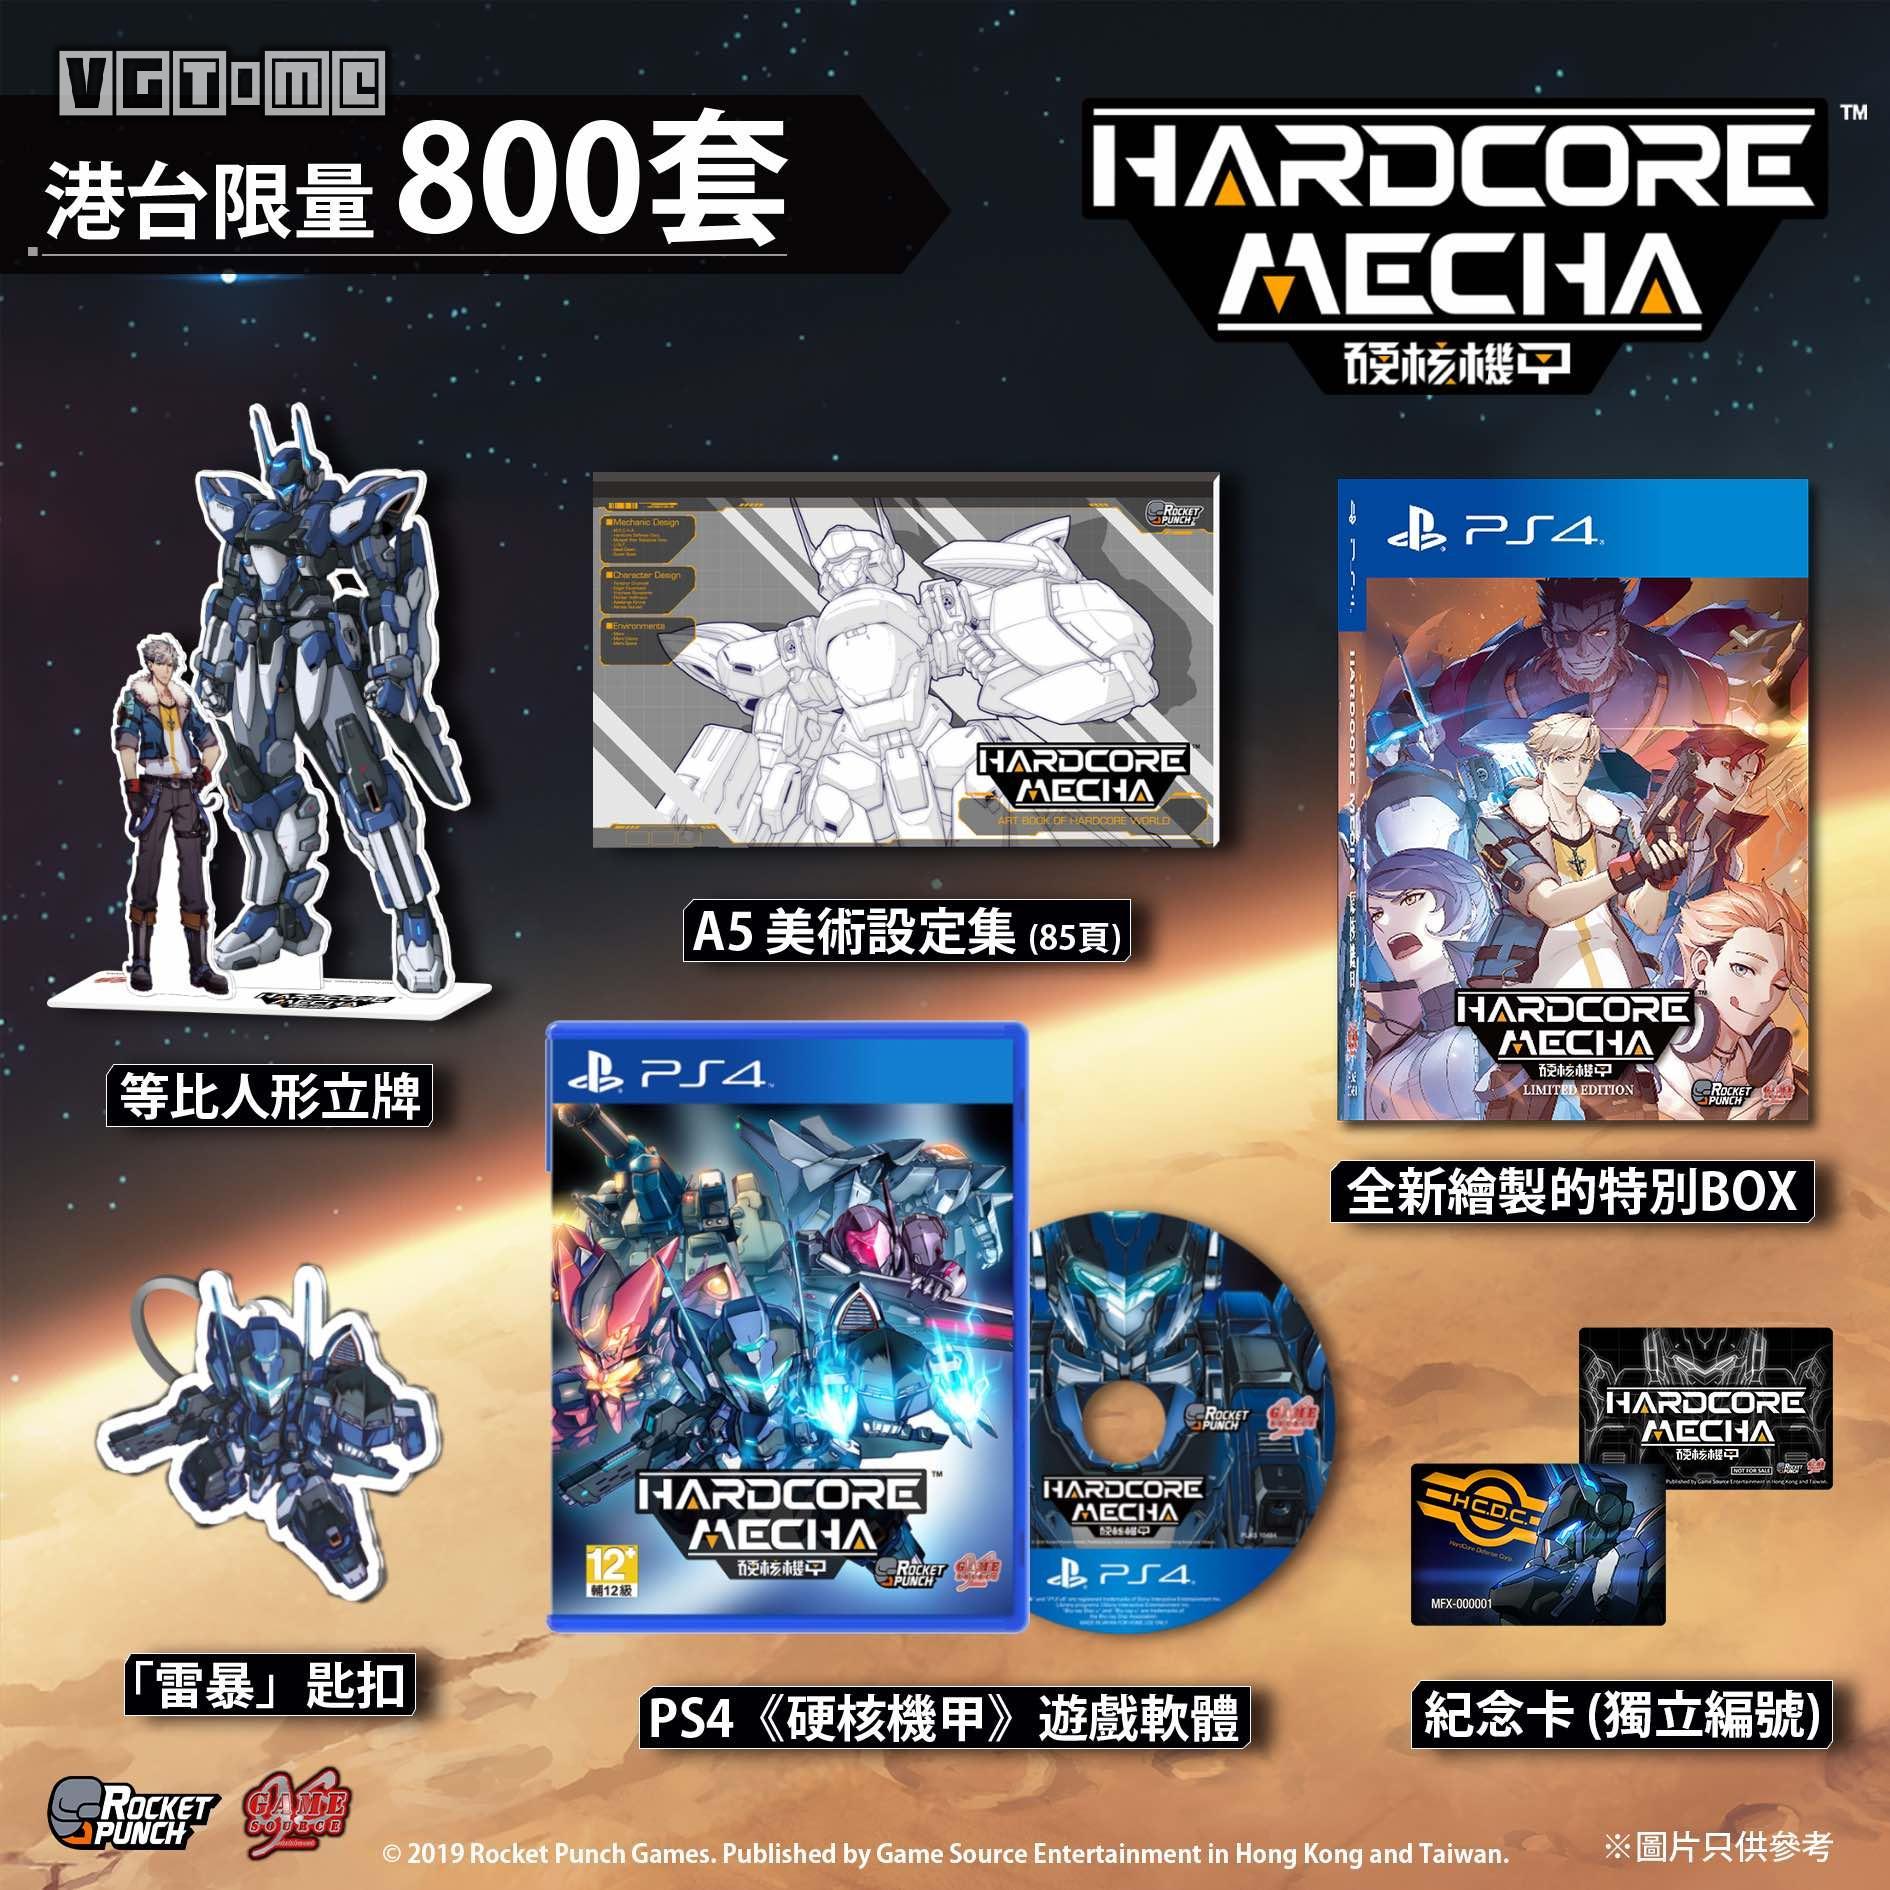 《硬核机甲》实体版9月13日发售 将推出800套限量典藏版